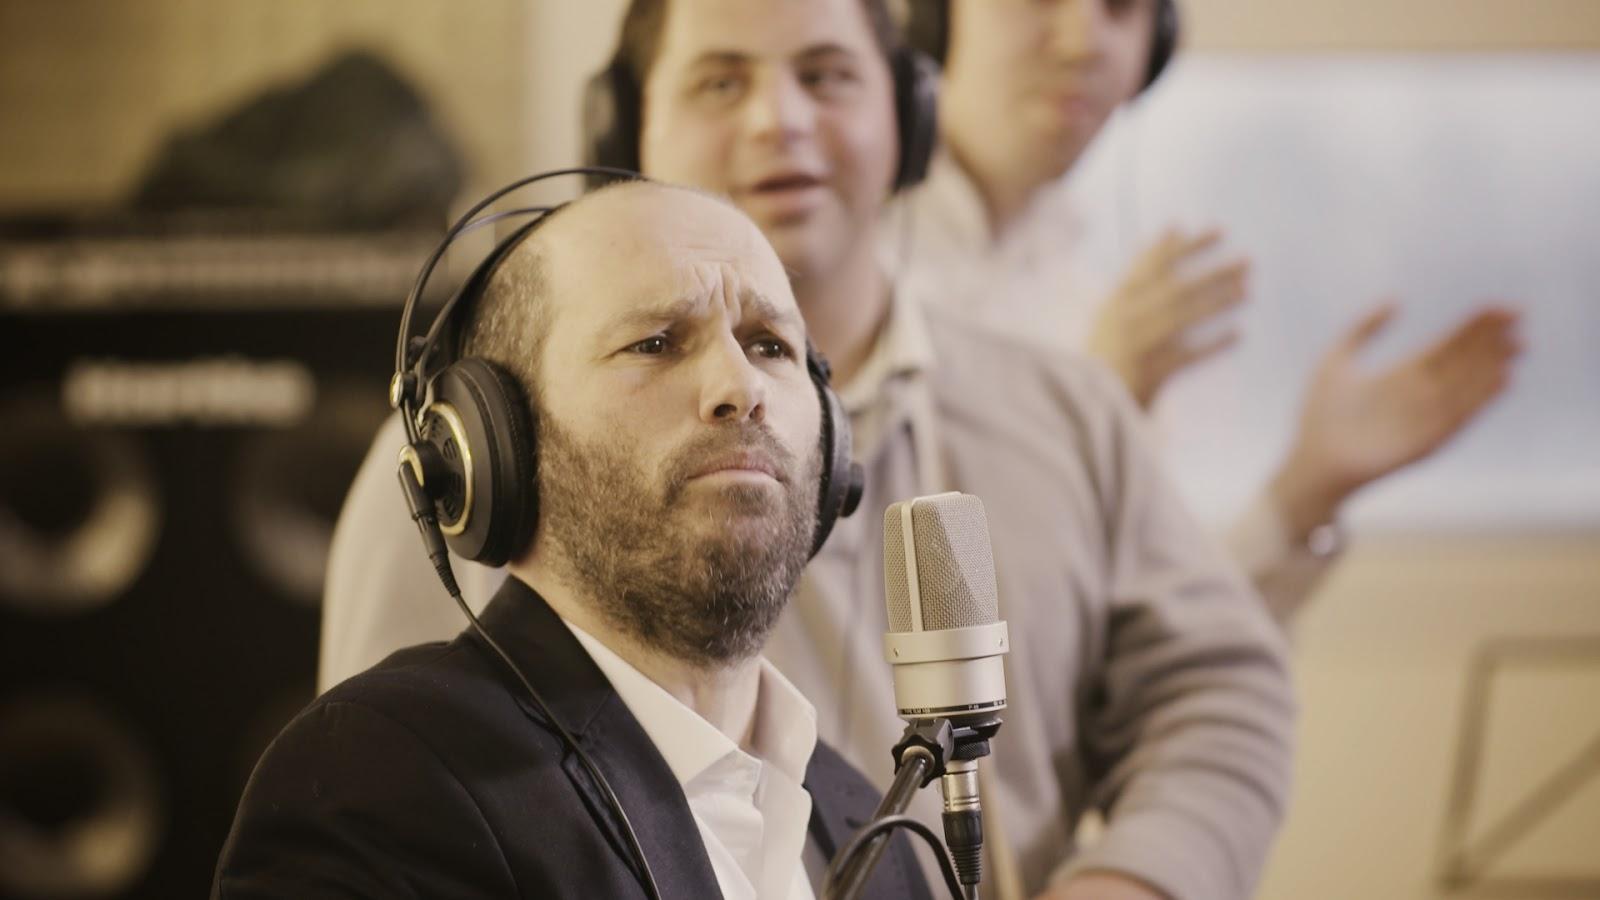 האחים יונתן ואהרן רזאל בשיר וקליפ מיוחד עם להקת 'עלי שיח'